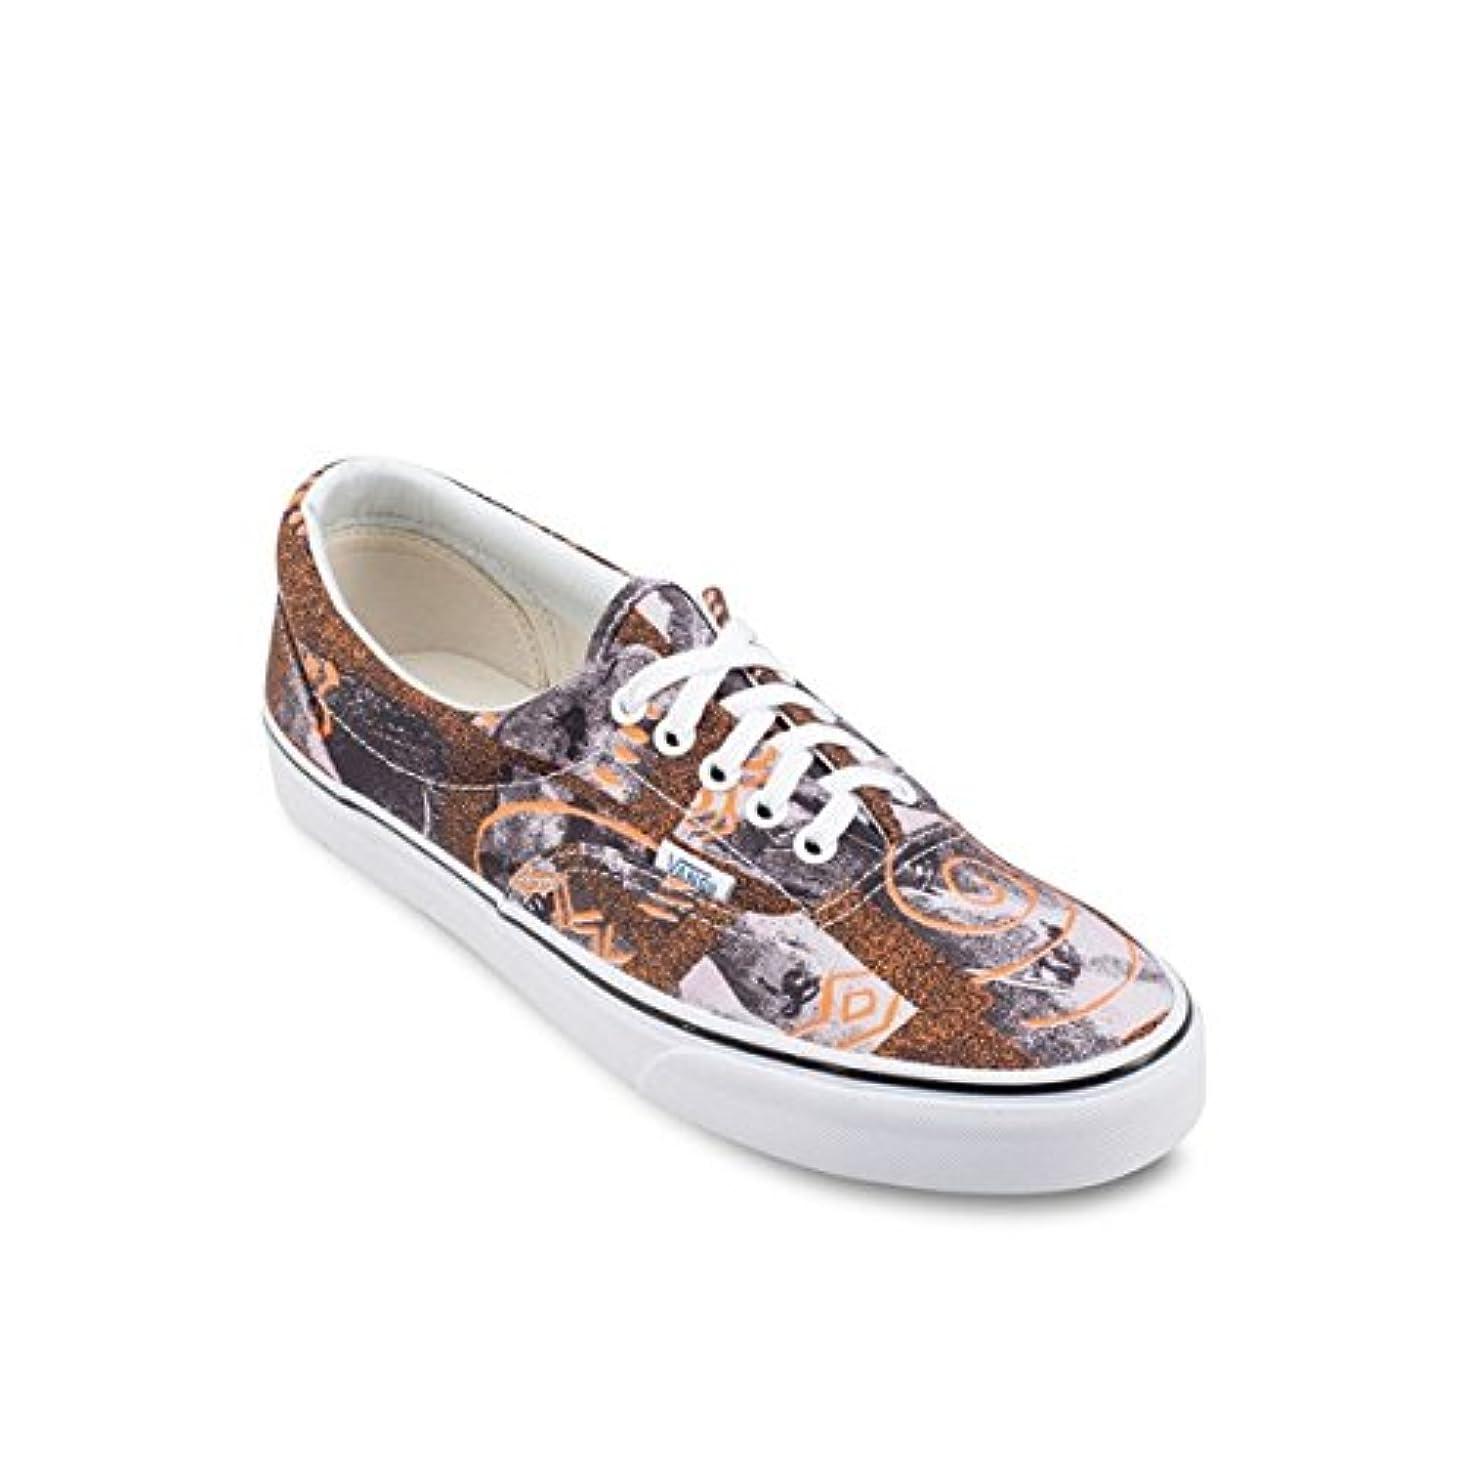 スライスコットンぎこちない(バンズ) VANS レディース シューズ?靴 スニーカー Era Sneakers 並行輸入品